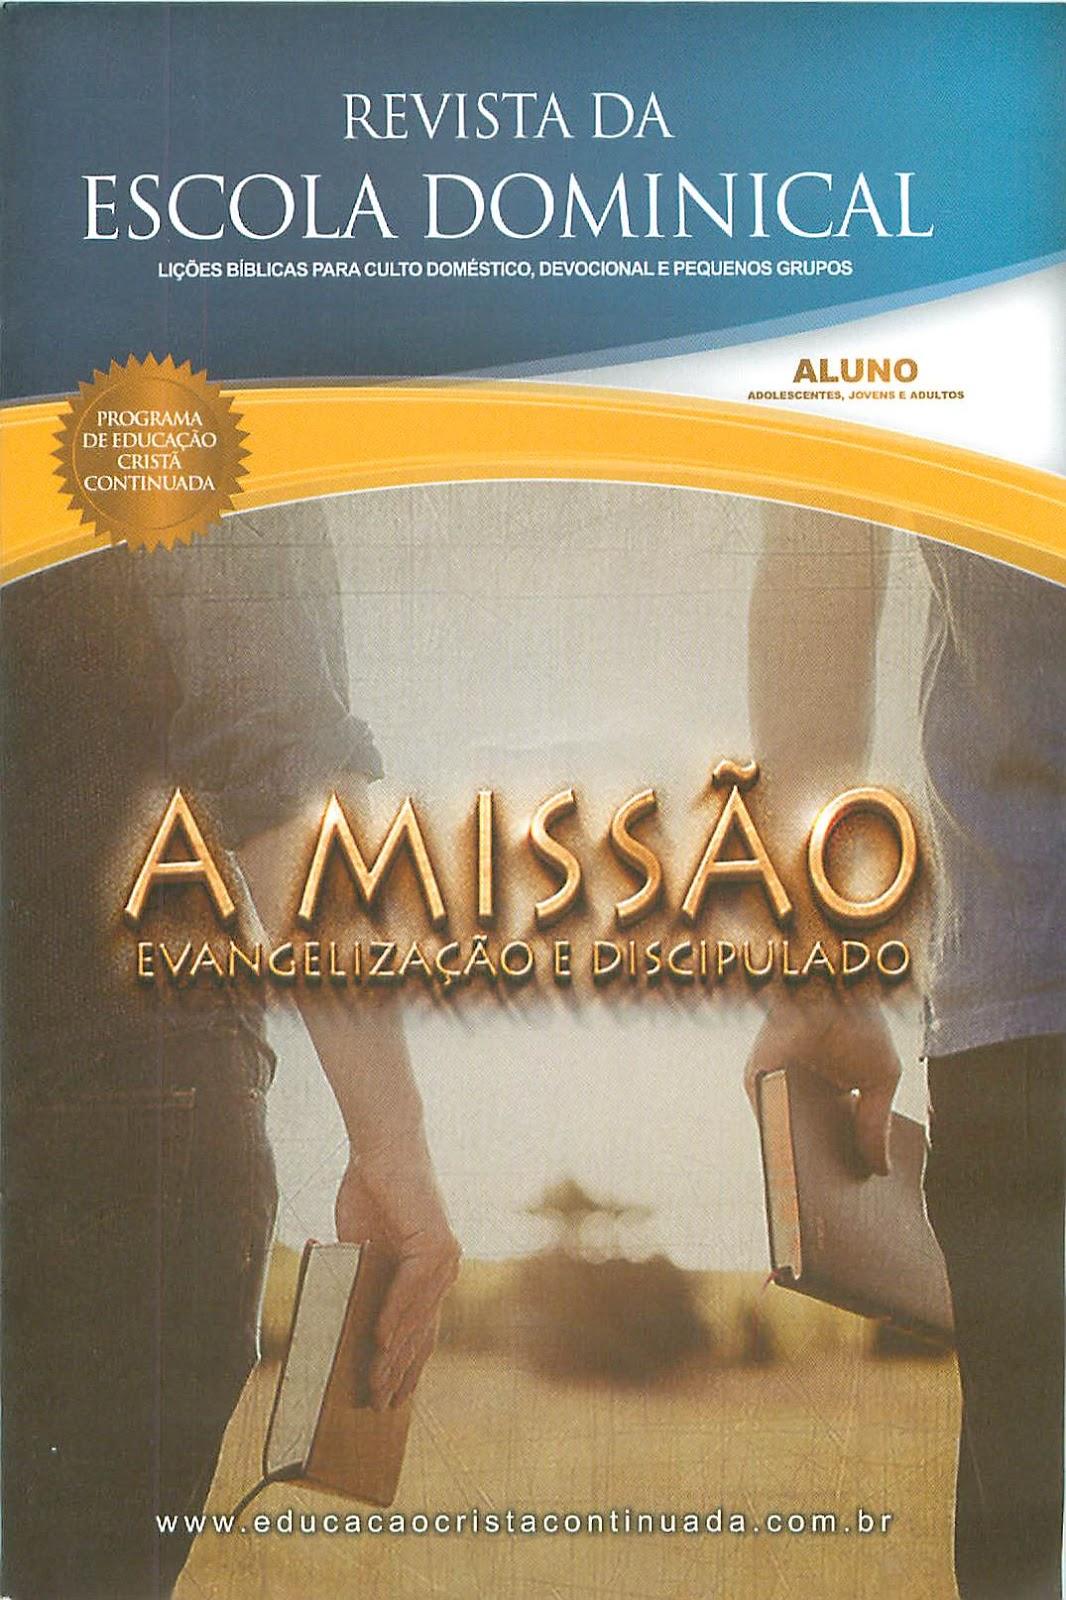 BAIXAR DOMINICAL REVISTA ESCOLA 2011 DA CPAD